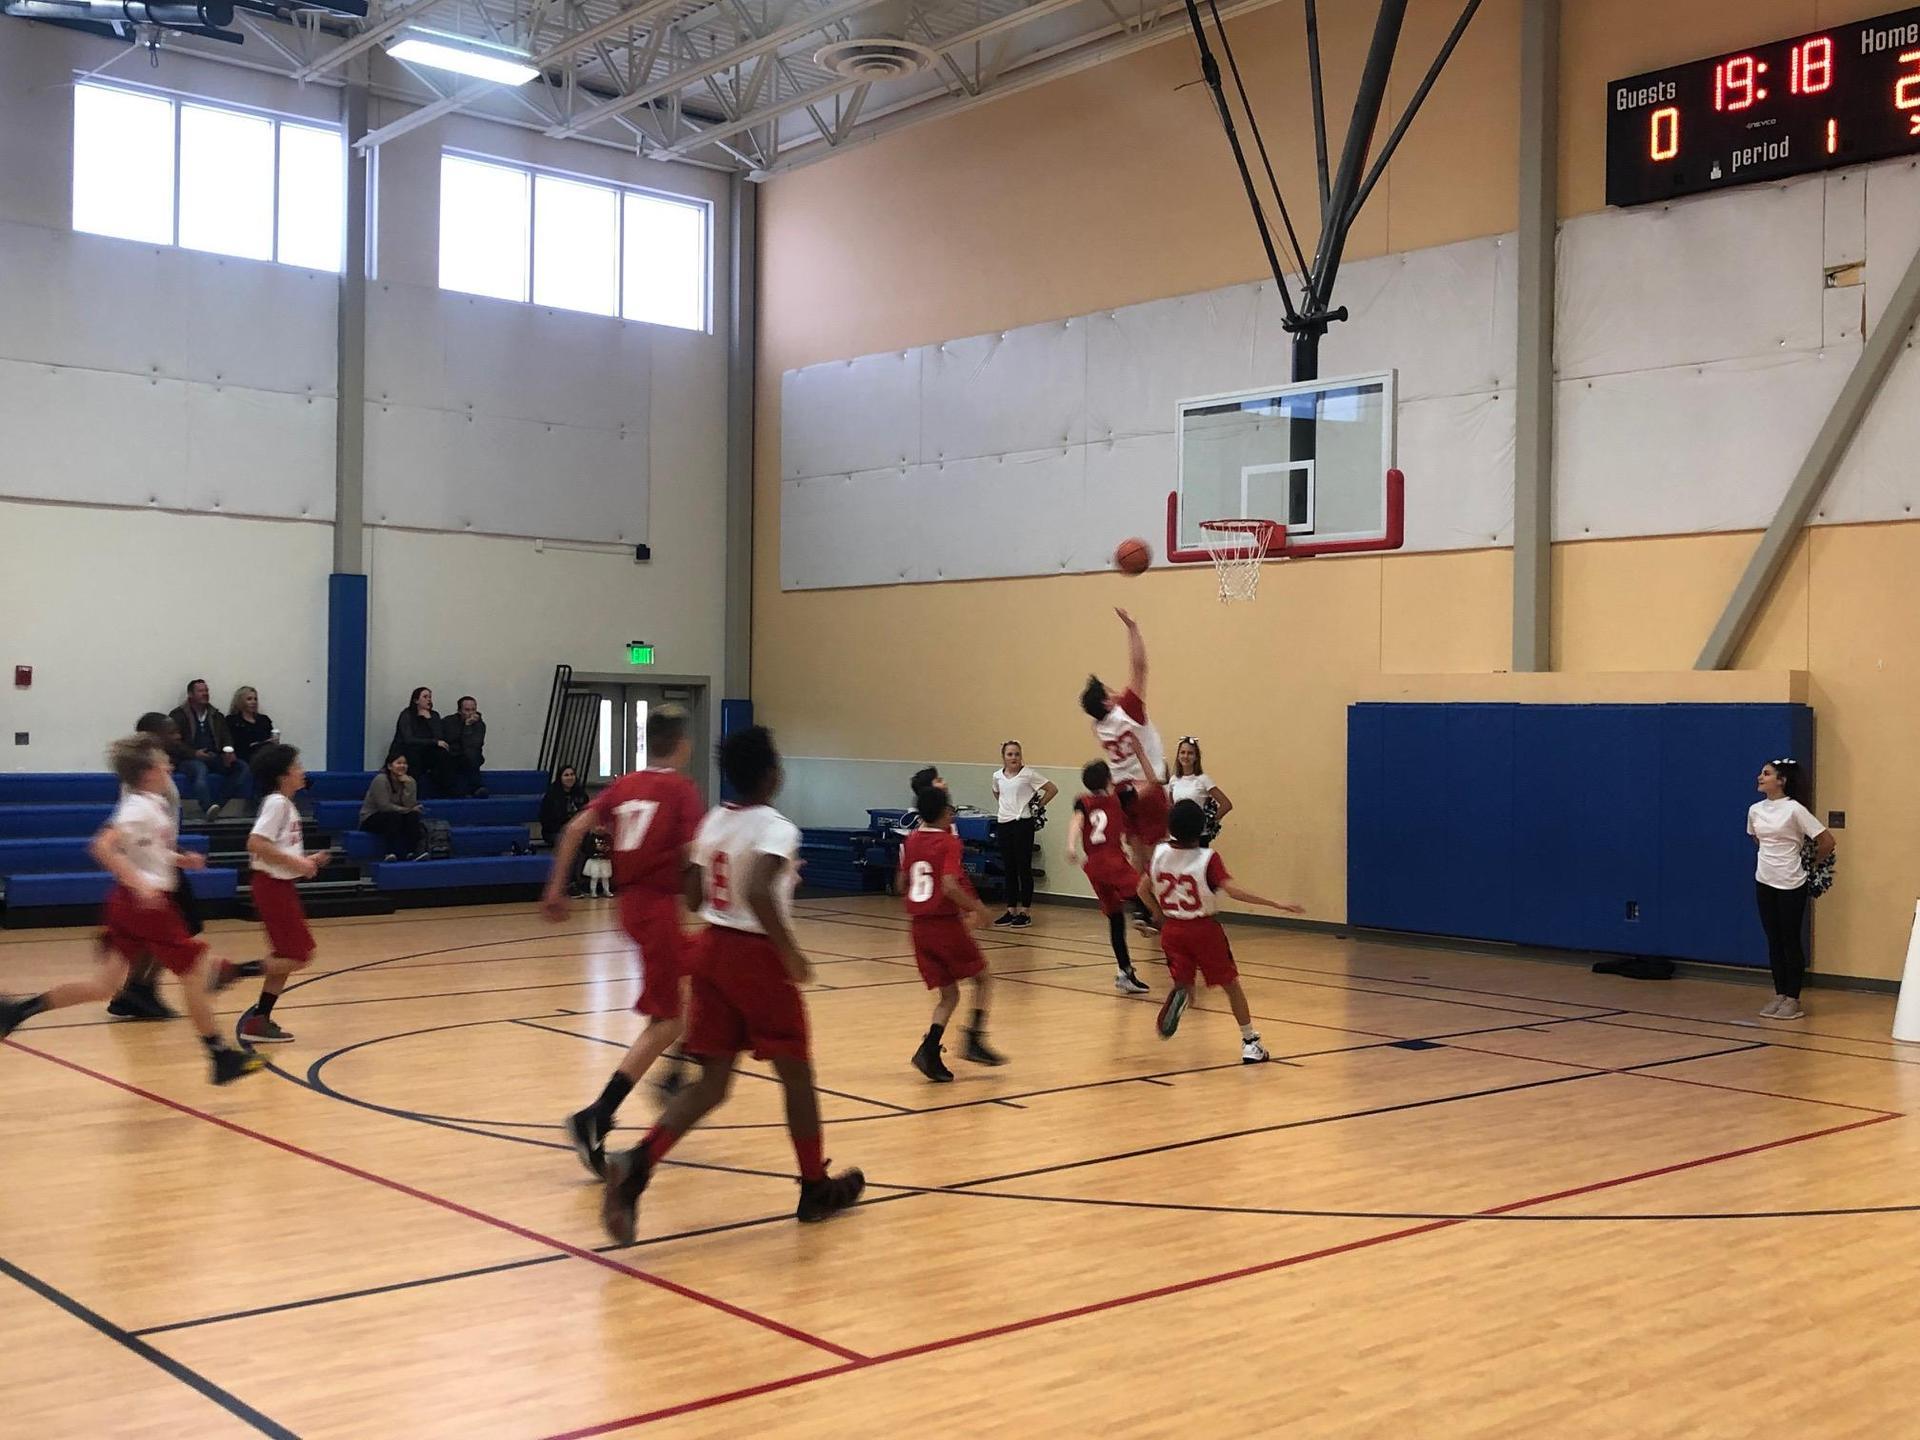 boys basketball layup